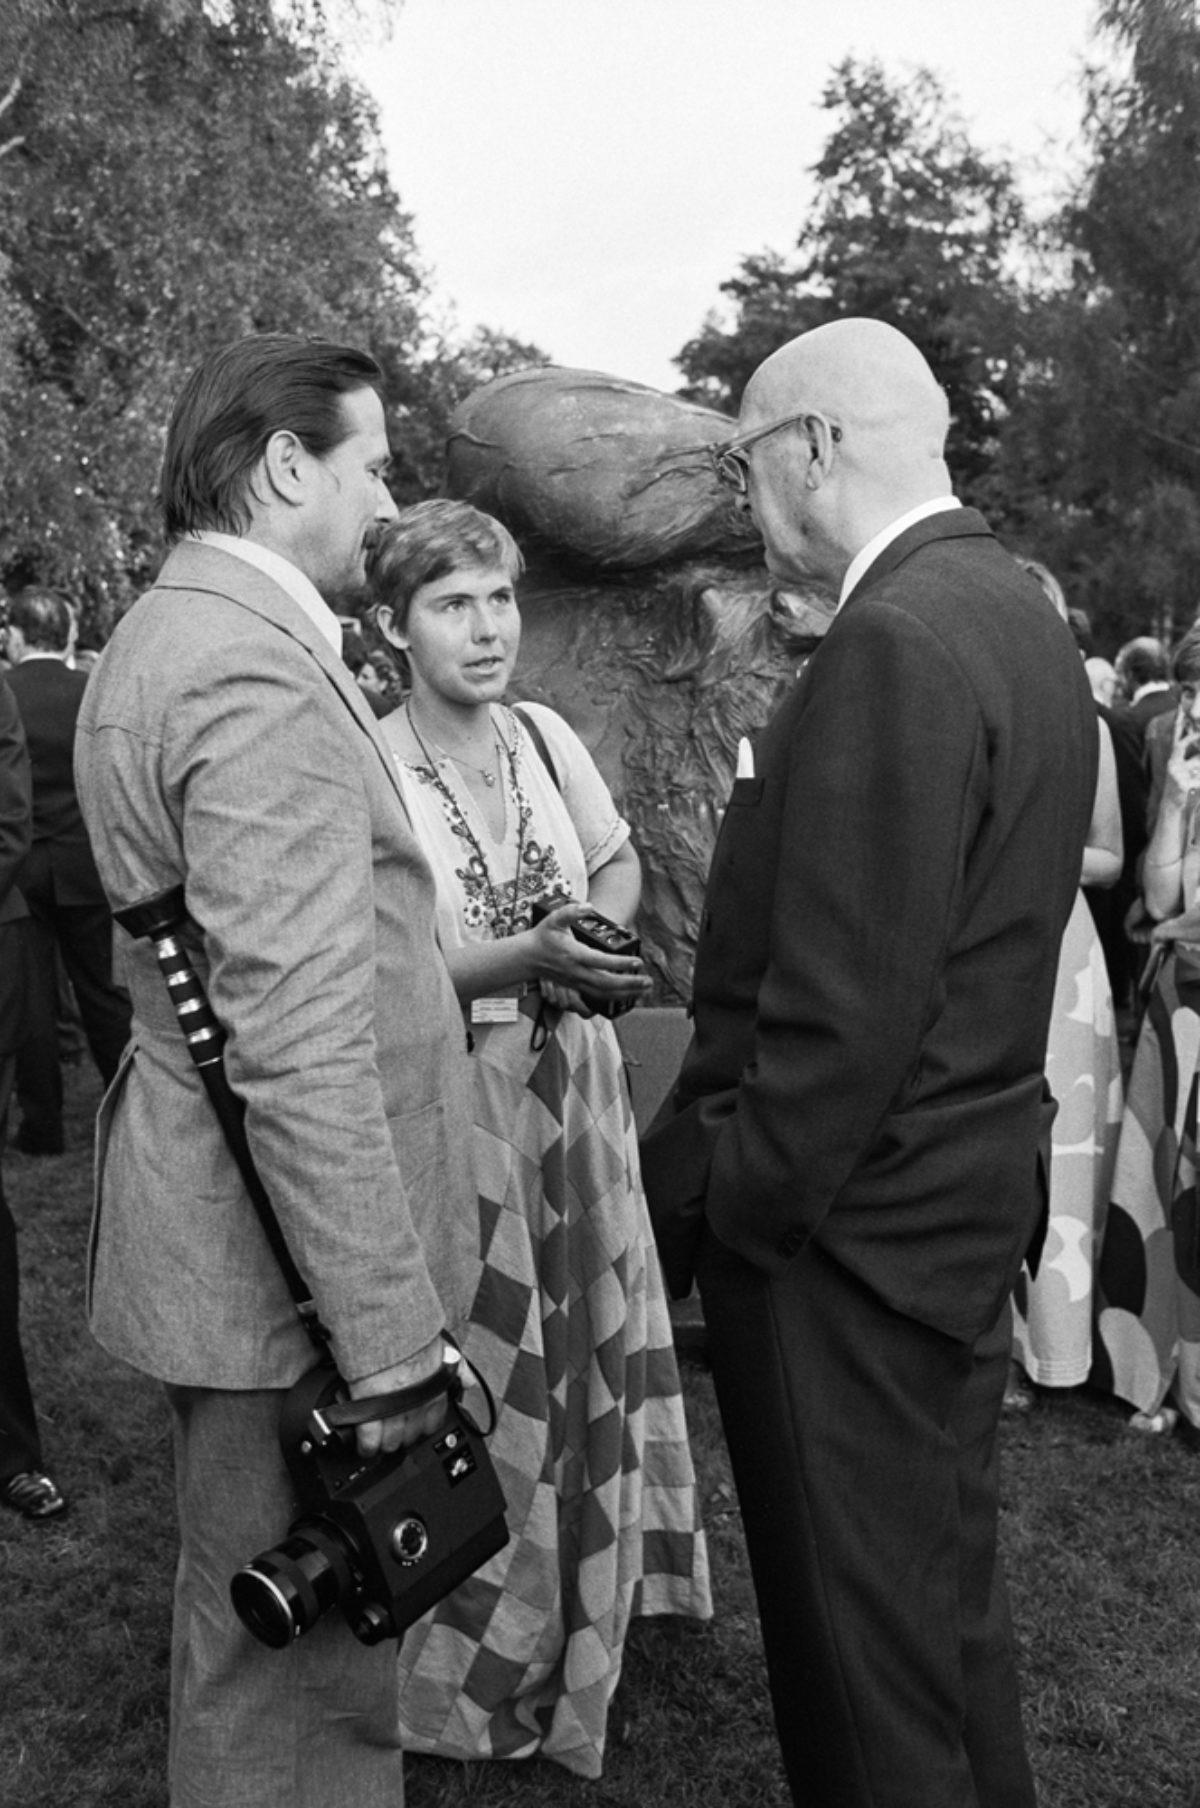 President Kekkonen (till höger) diskuterar med Mikko Niskanen och Maarit Tyrkkö på Fiskartorpet under ESSK 31.7.1975. Foto: PF-team / Pressfoto Zeeland / JOKA / Museiverket